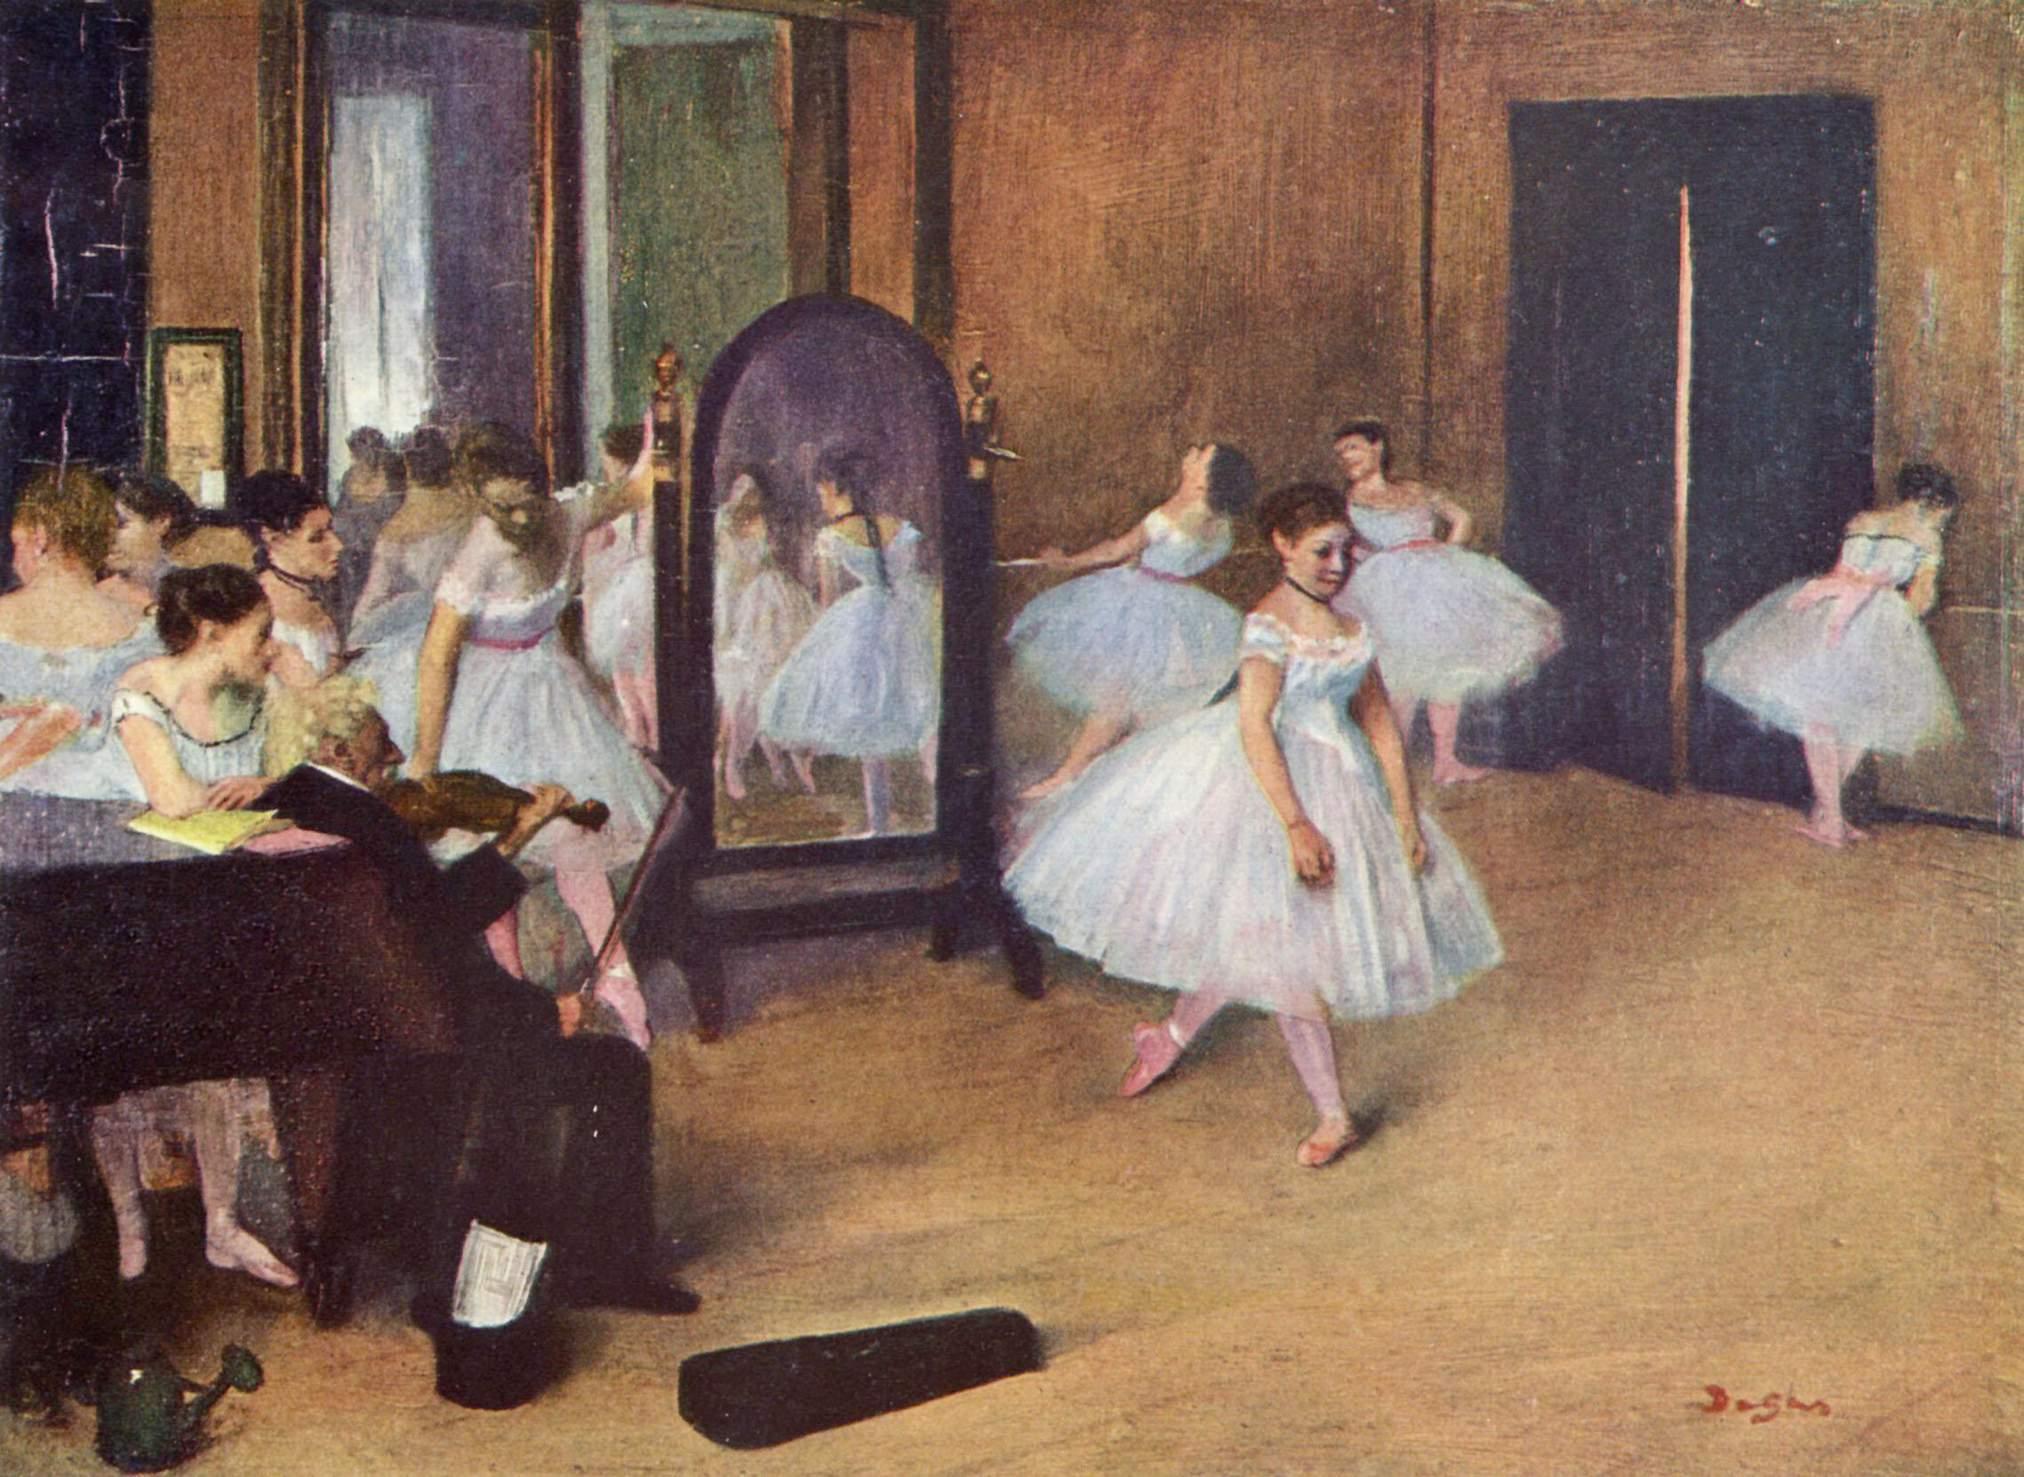 Dance Class, 1871 - Edgar Degas - WikiArt.org